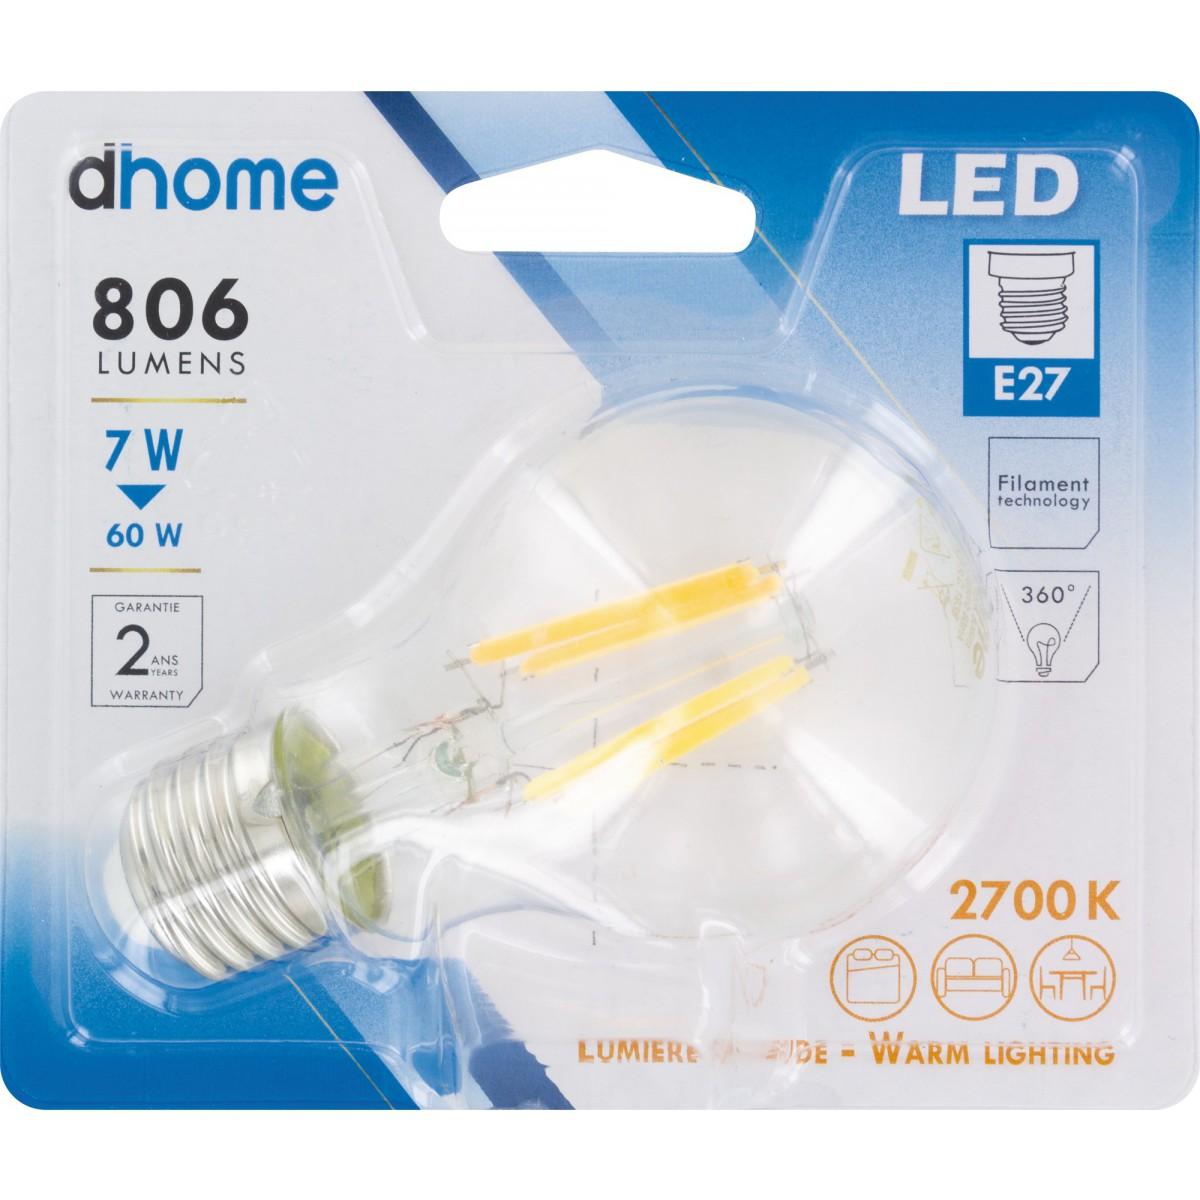 Ampoule LED standard claire à filament E27 dhome - 806 Lumens - 7 W - 2700 K